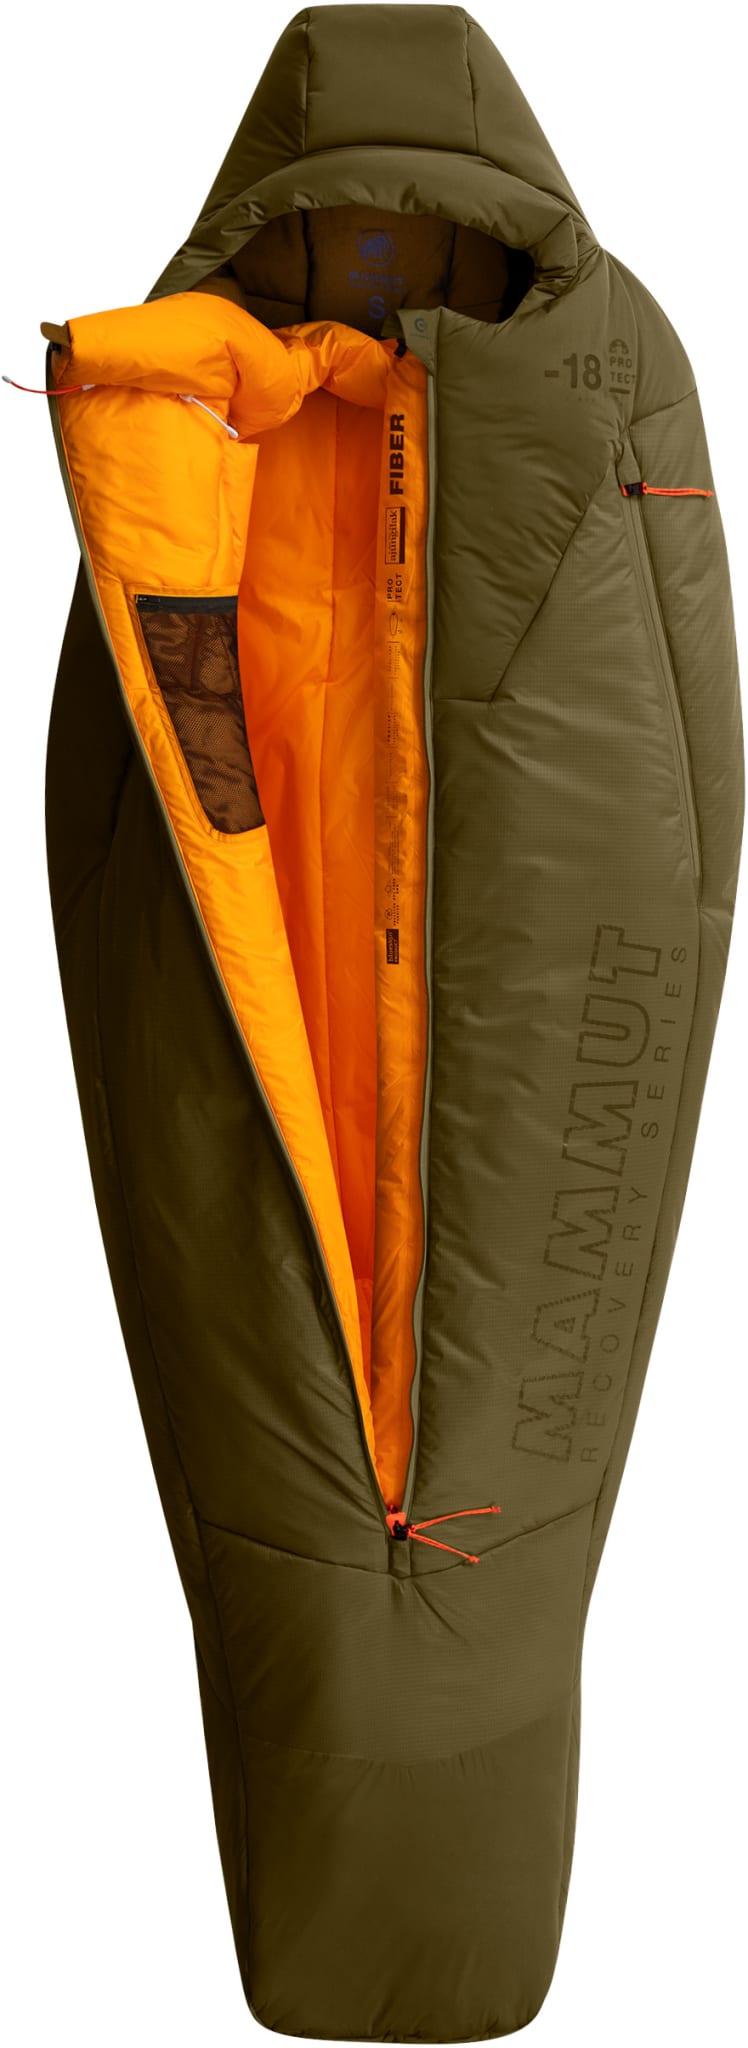 Innovativ vintersovepose med syntetfiberisolasjon